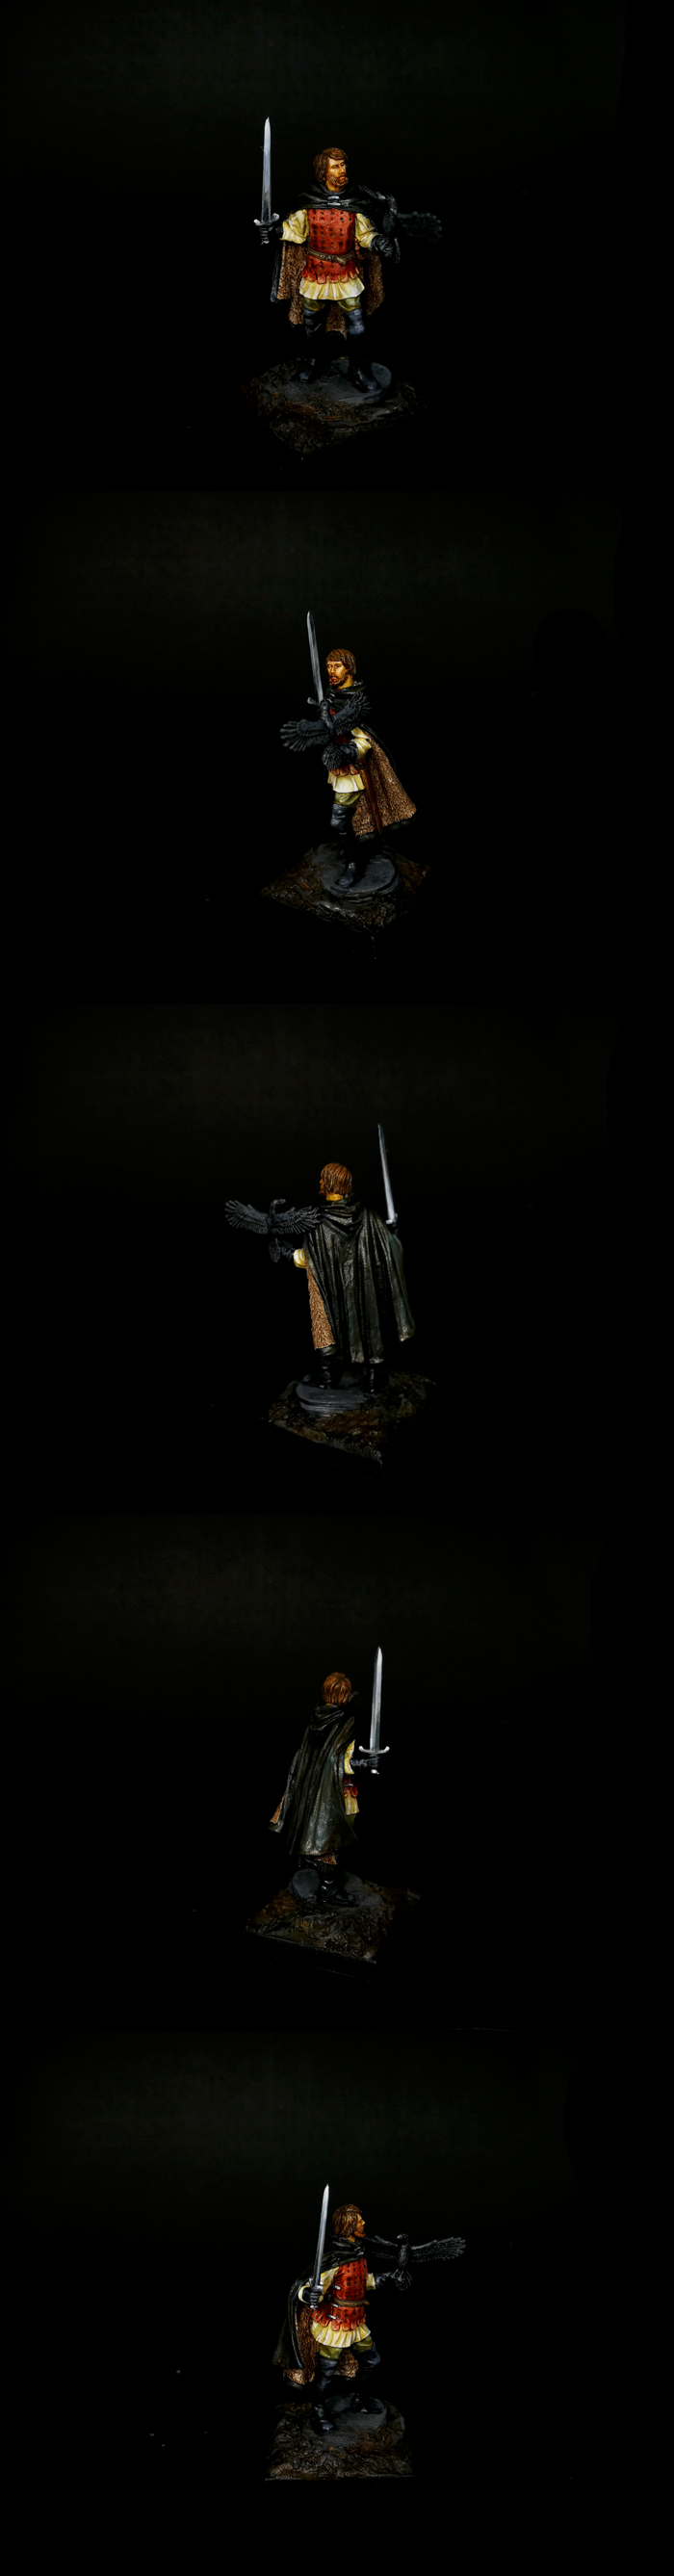 Dark sword - Warrior with crow